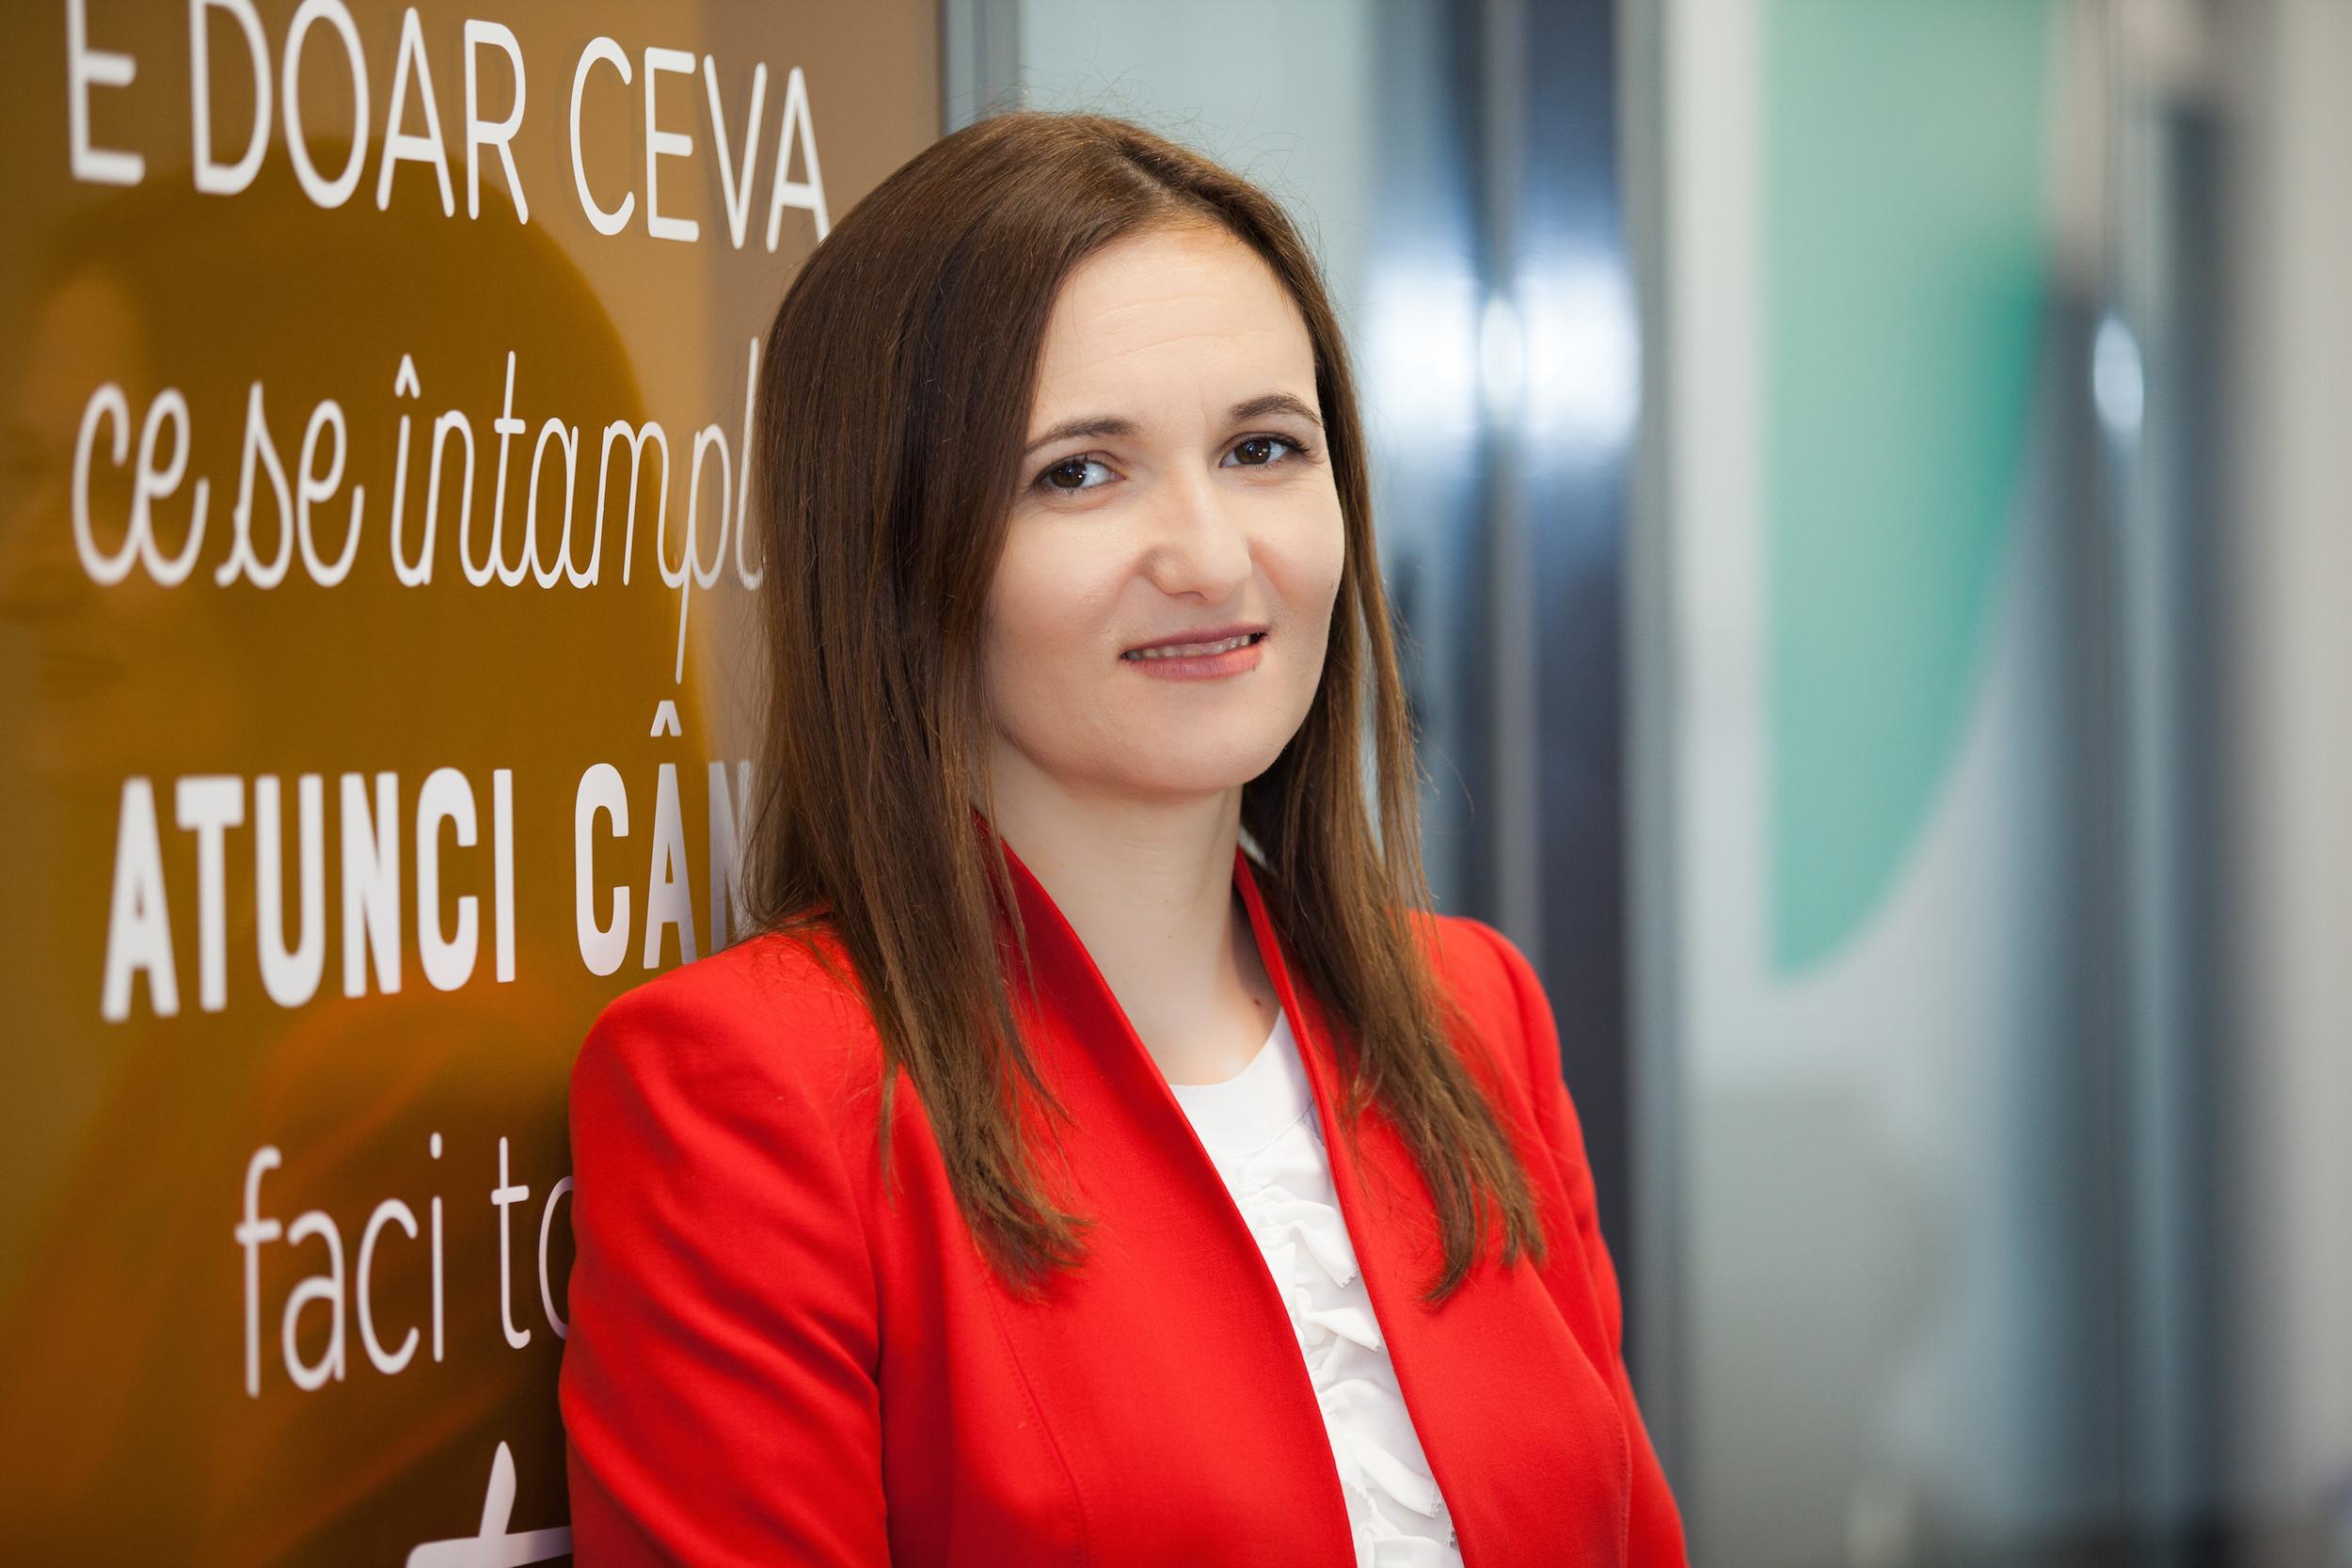 De Ziua Internațională a Cărților, Libris.ro a avut încasări de peste 55.000 euro. 10% merg către Spitalul de Urgență Petroșani